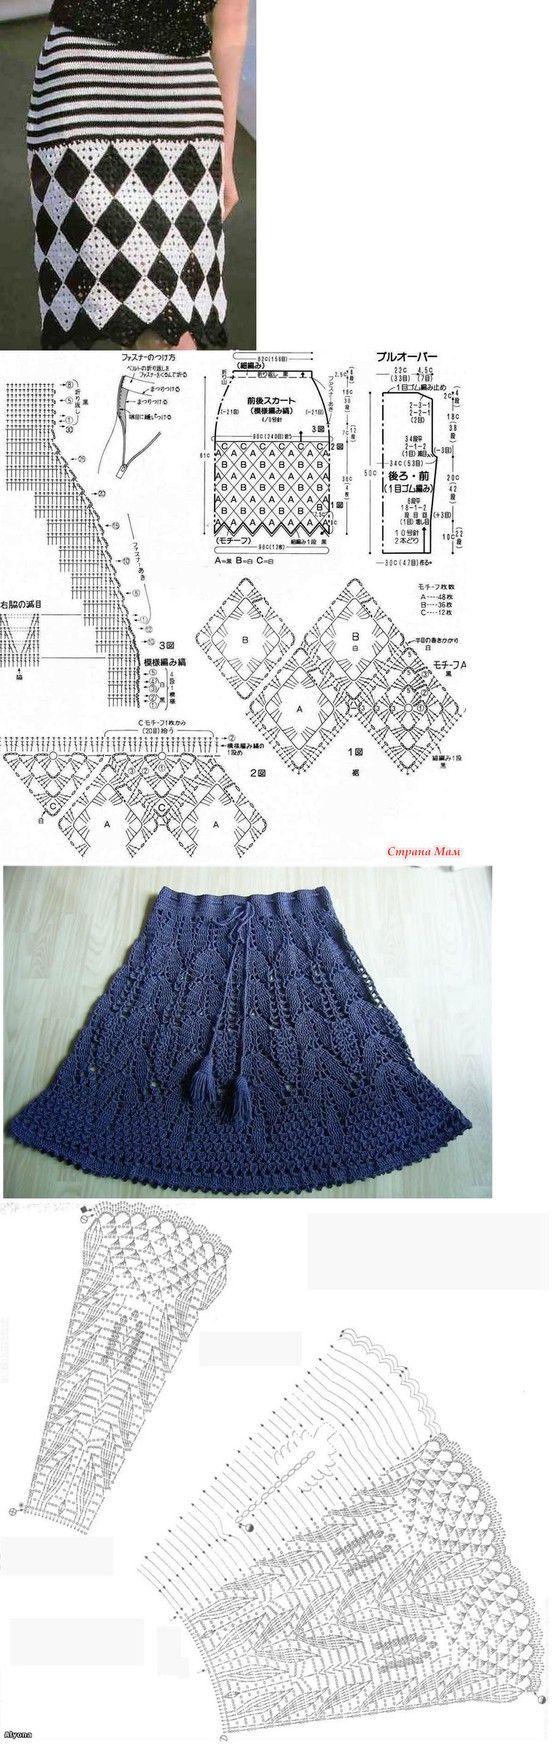 Crochet Skirt Diagram